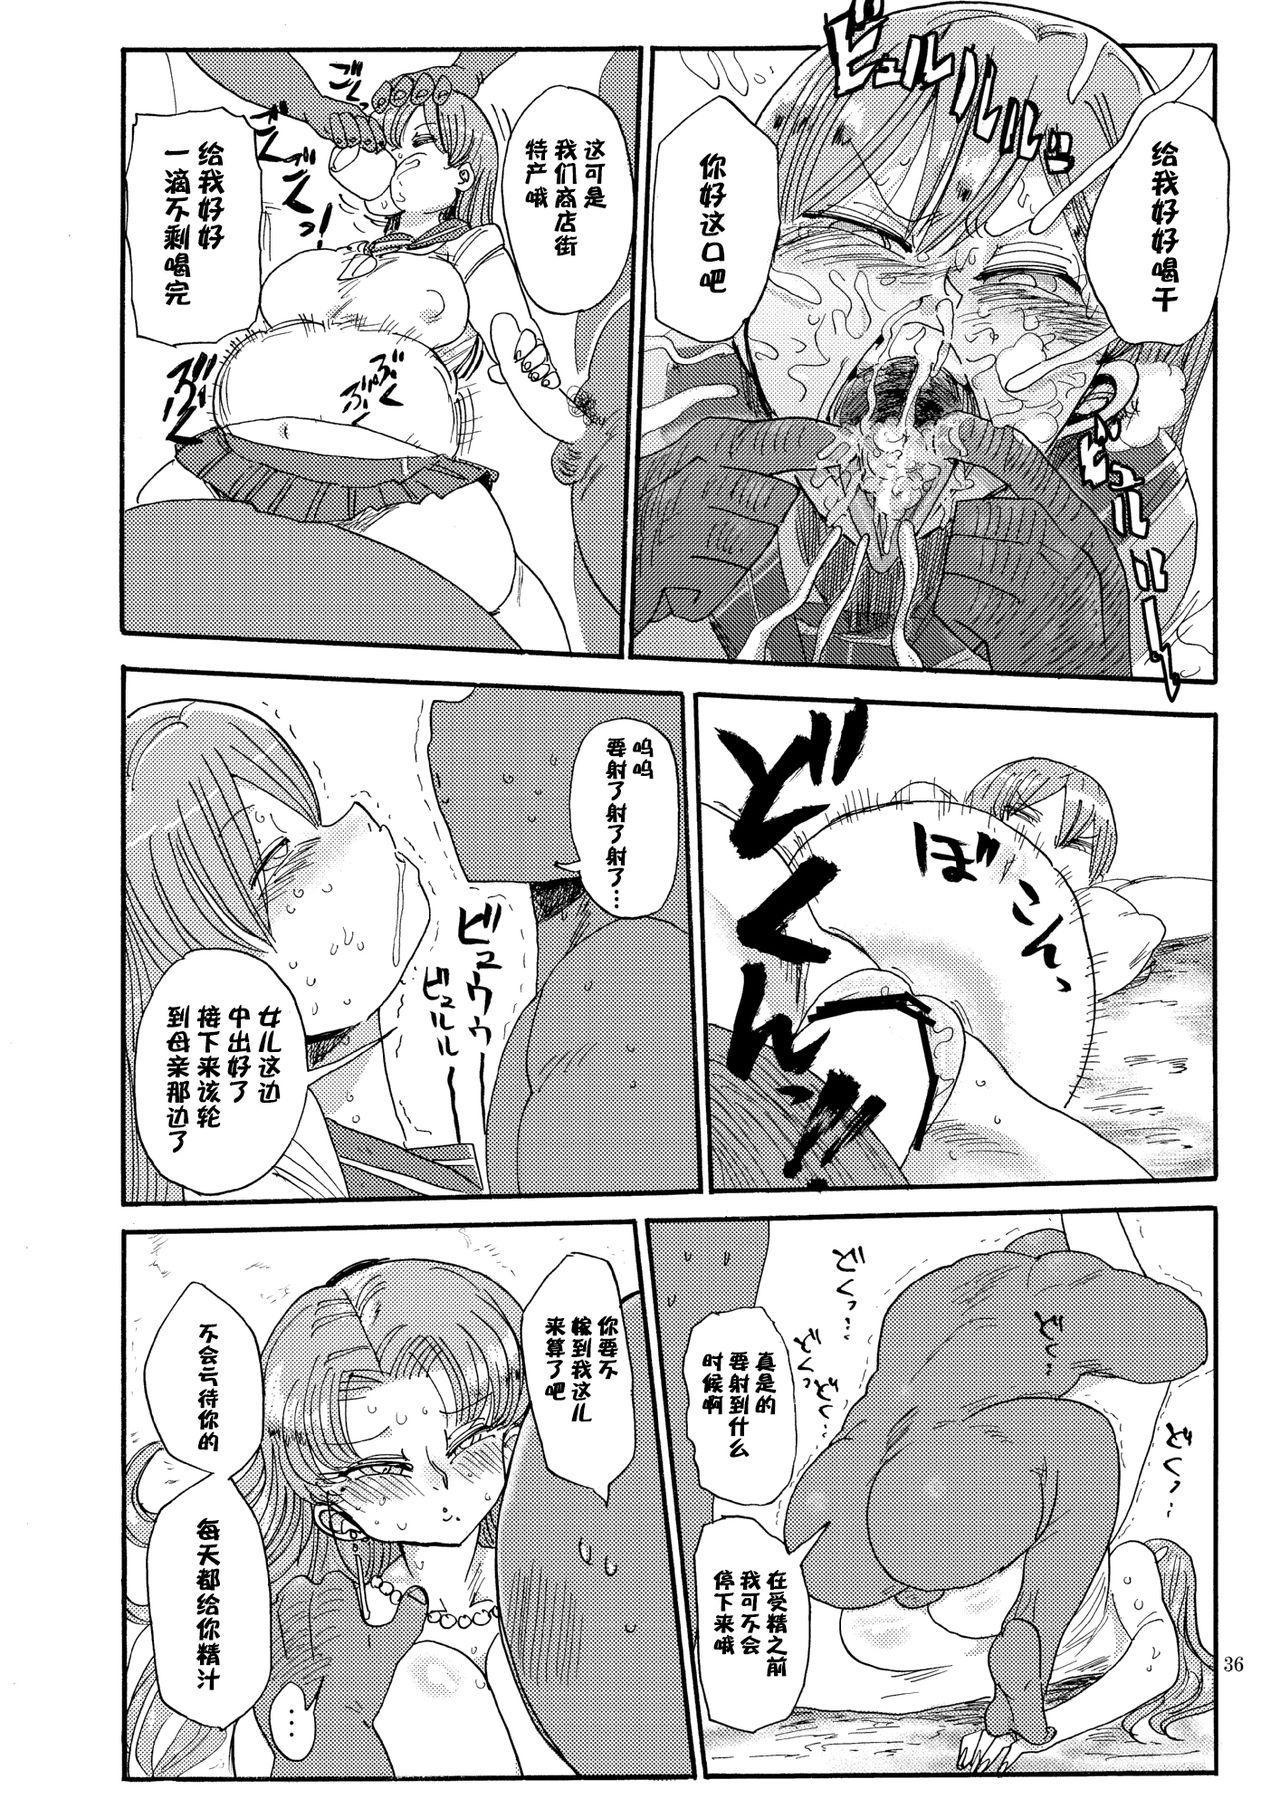 Nandemo Chousa Shoujo no Doujinshi ga Deta? Wakarimashita Chousa Shimasu 35